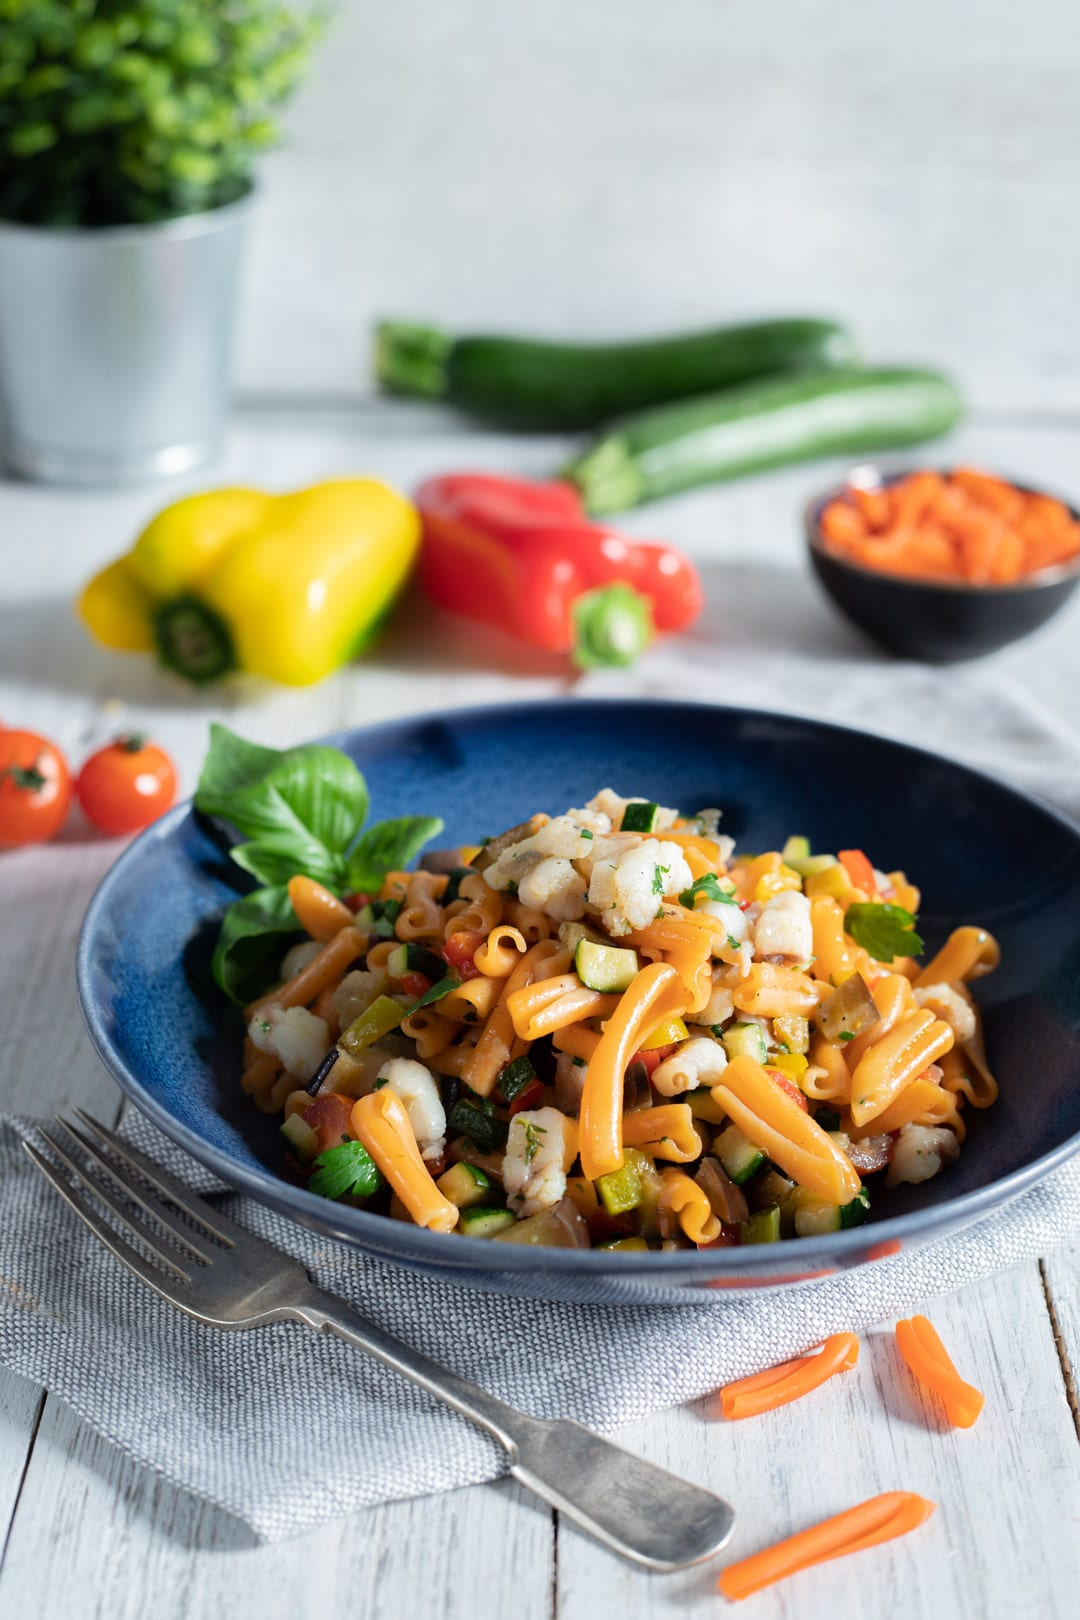 Strozzapreti alle lenticchie con verdure e coda di rospo nel piatto pronte all'assaggio